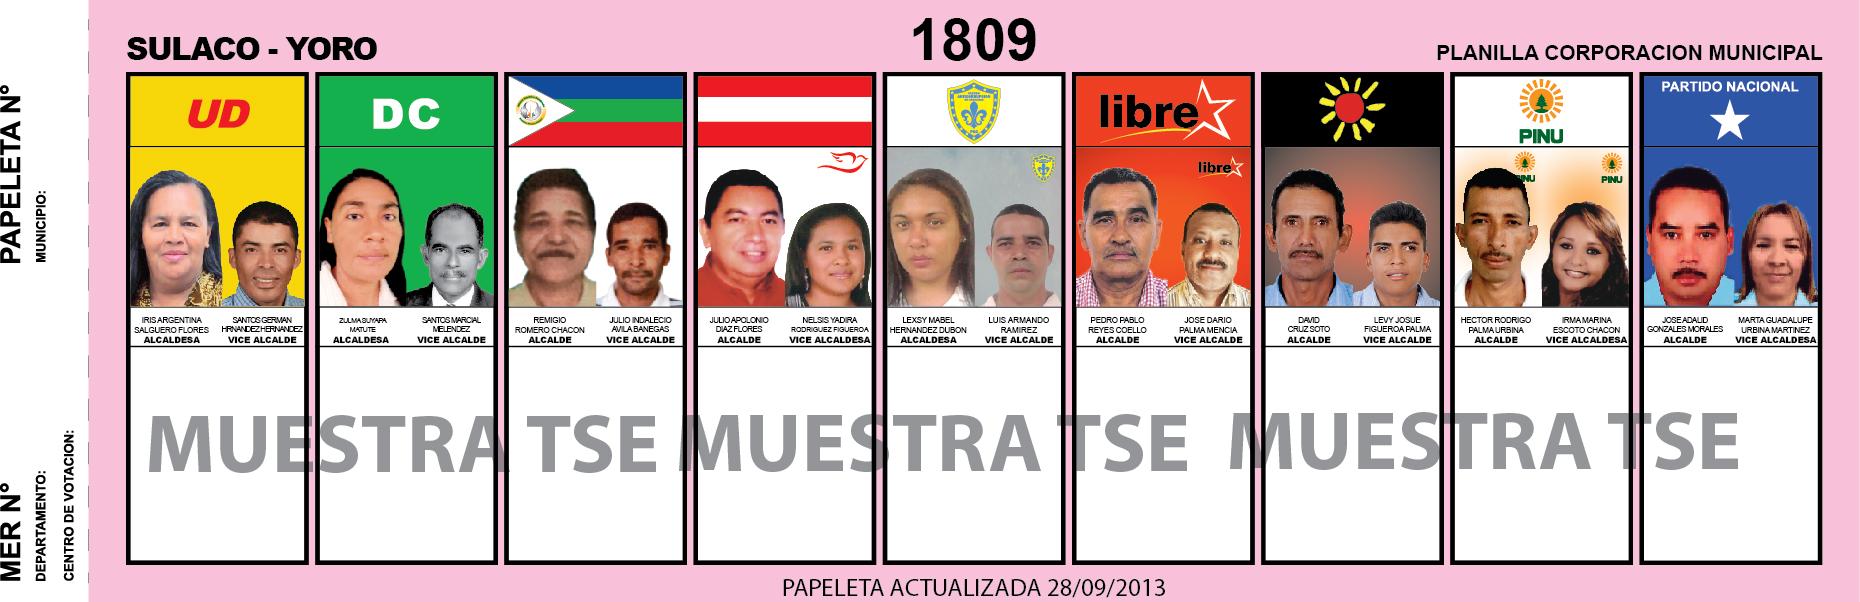 CANDIDATOS 2013 MUNICIPIO SULACO - YORO - HONDURAS